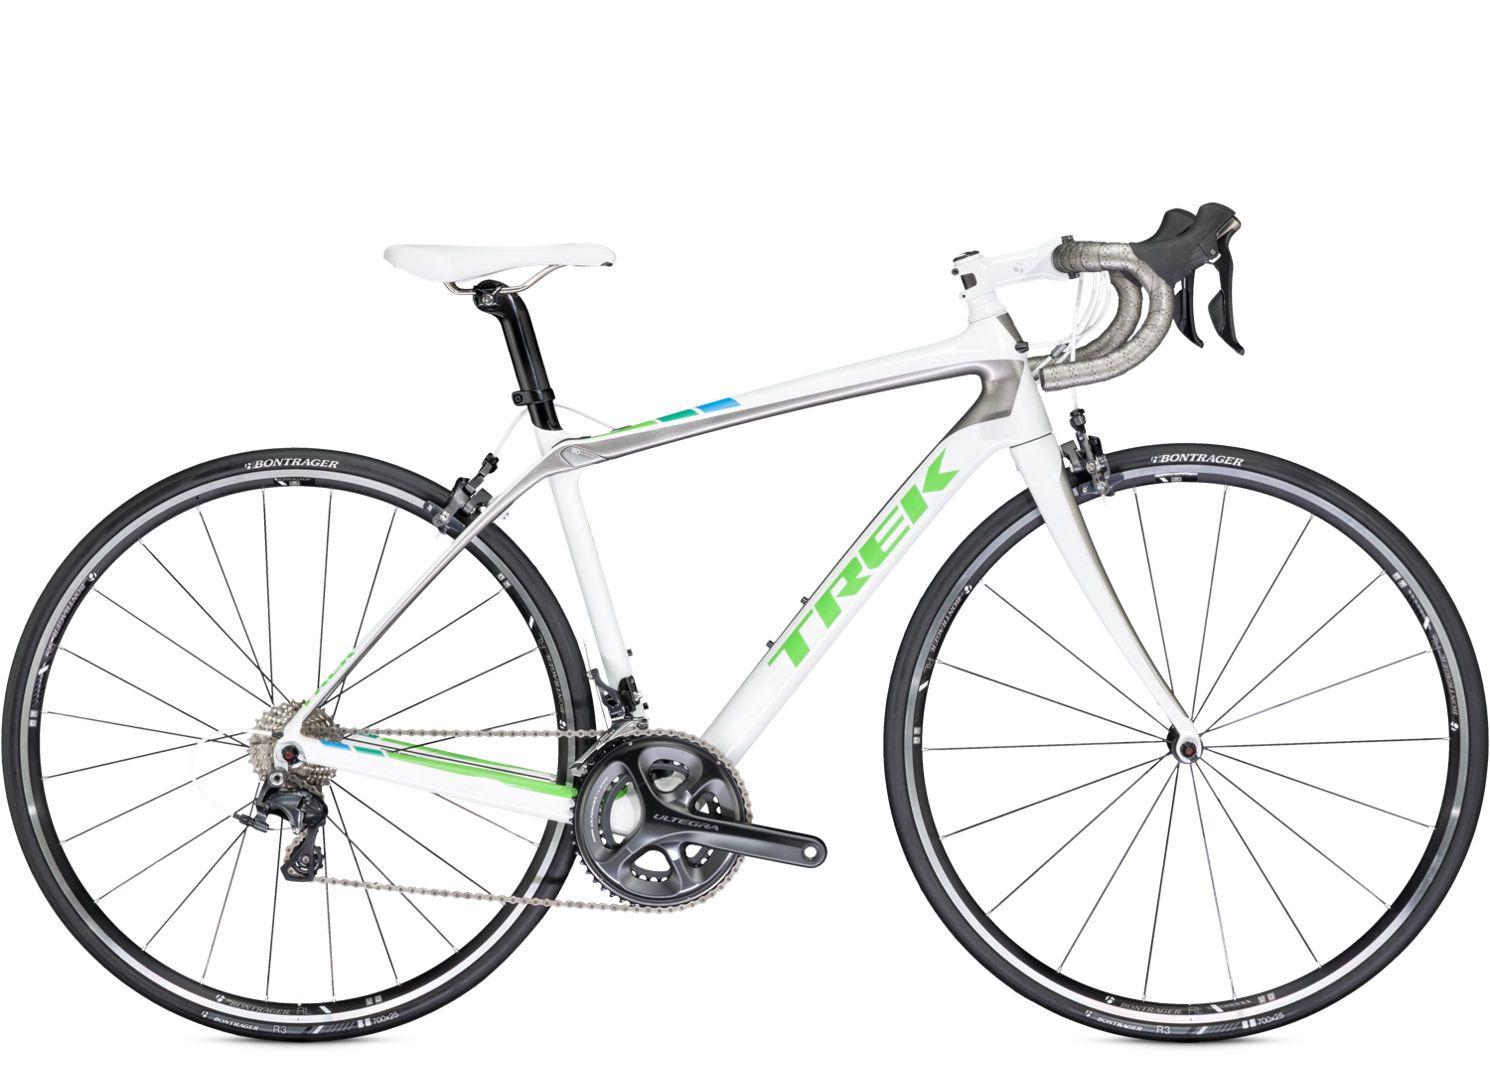 Domane Trek Bicycle Trek Bicycle Trek Bikes Trek Road Bikes